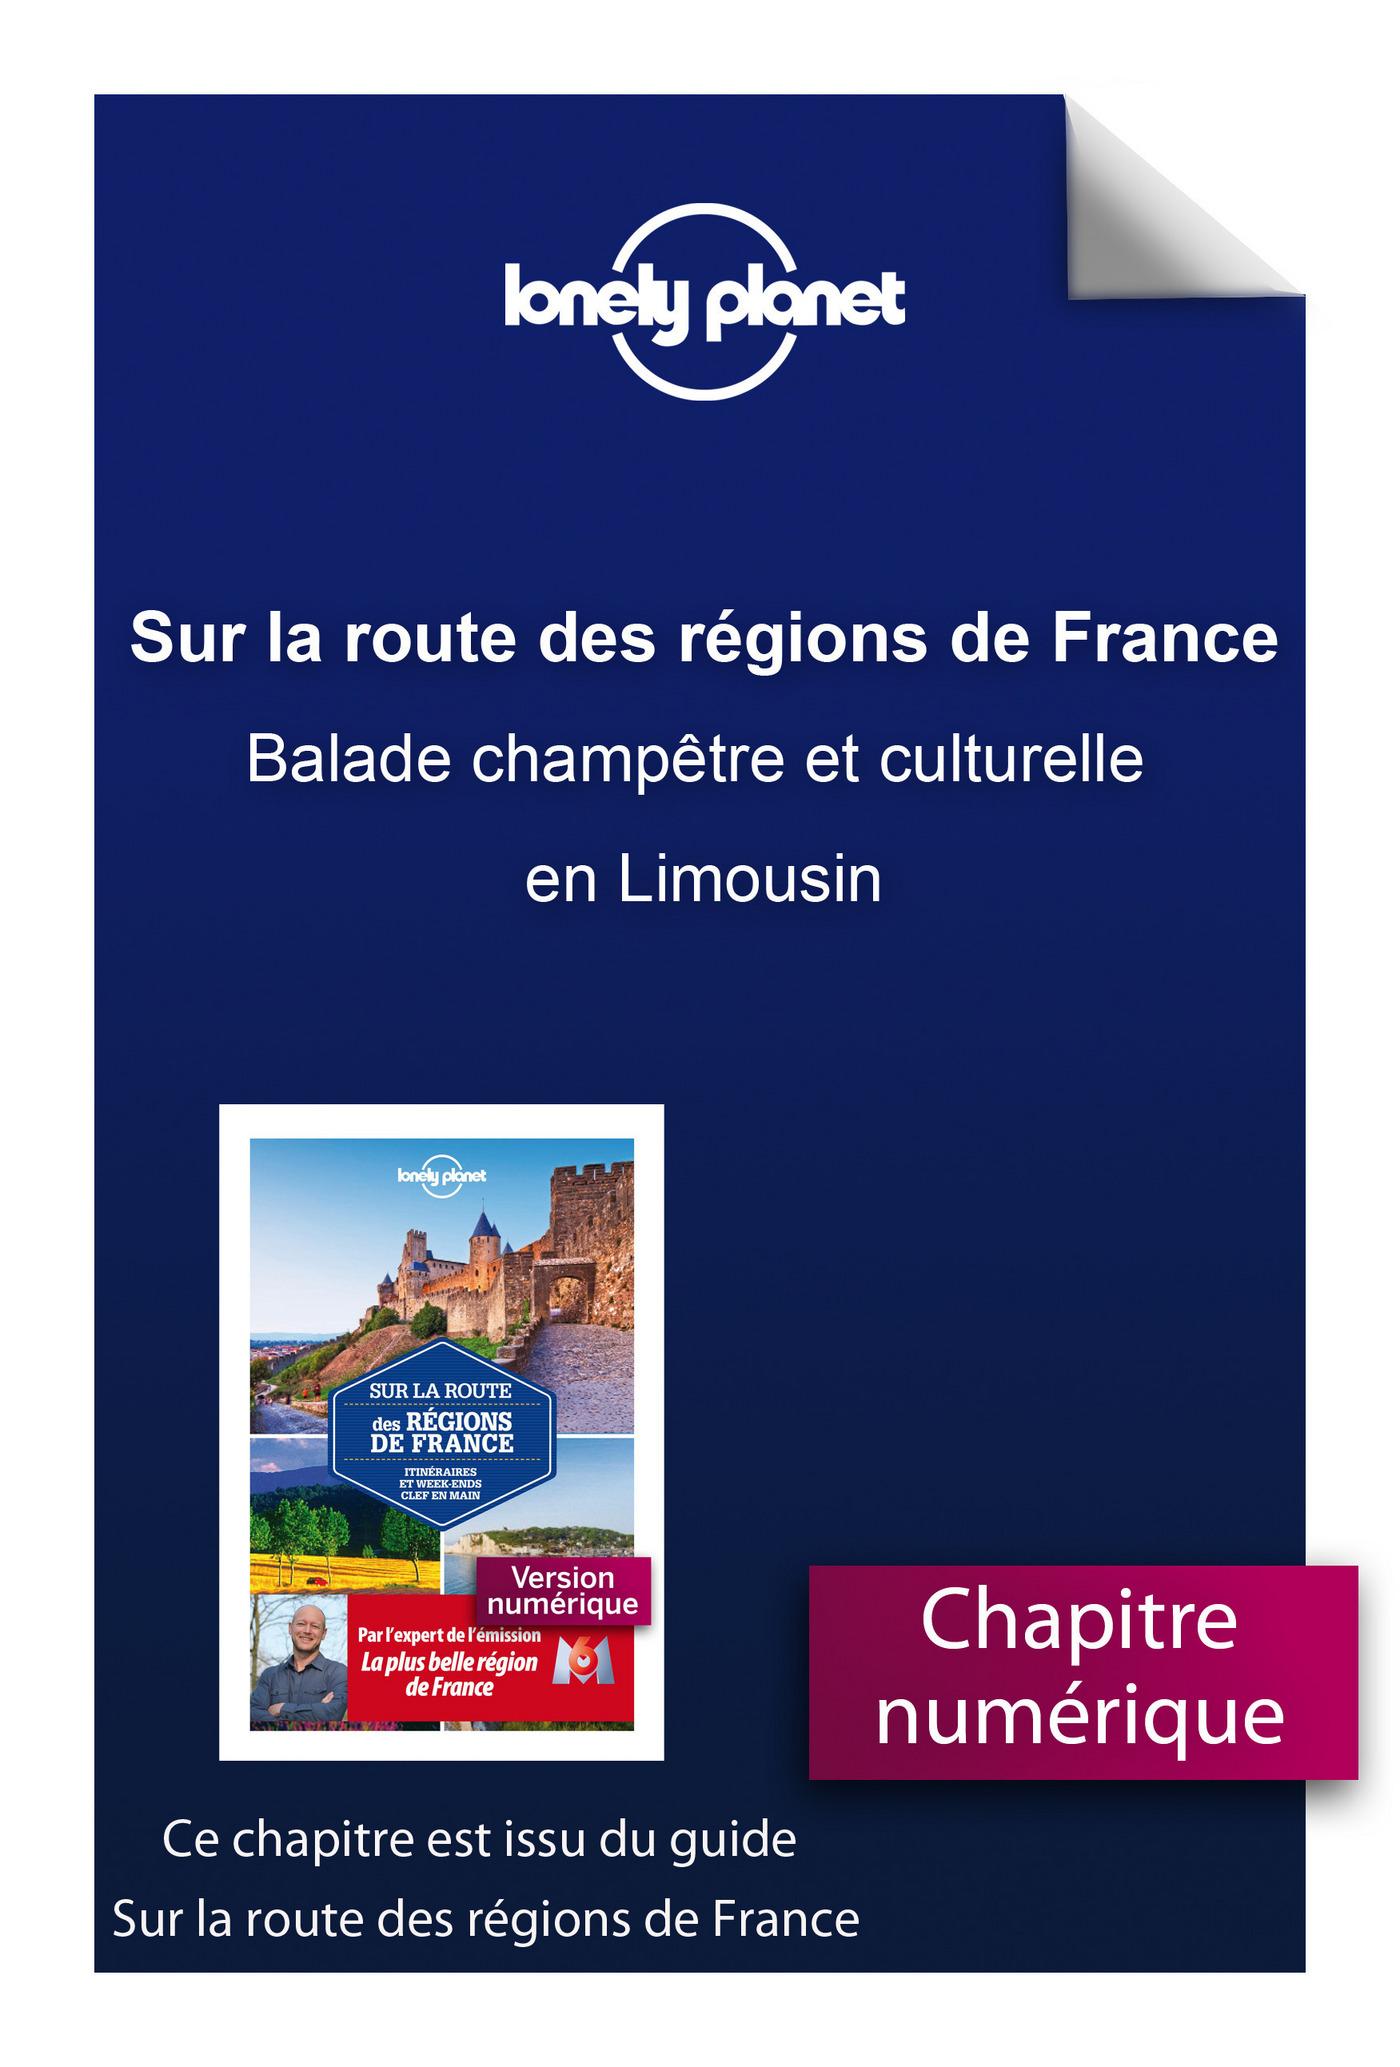 Sur la route des régions de France - Balade champêtre et culturelle en Limousin